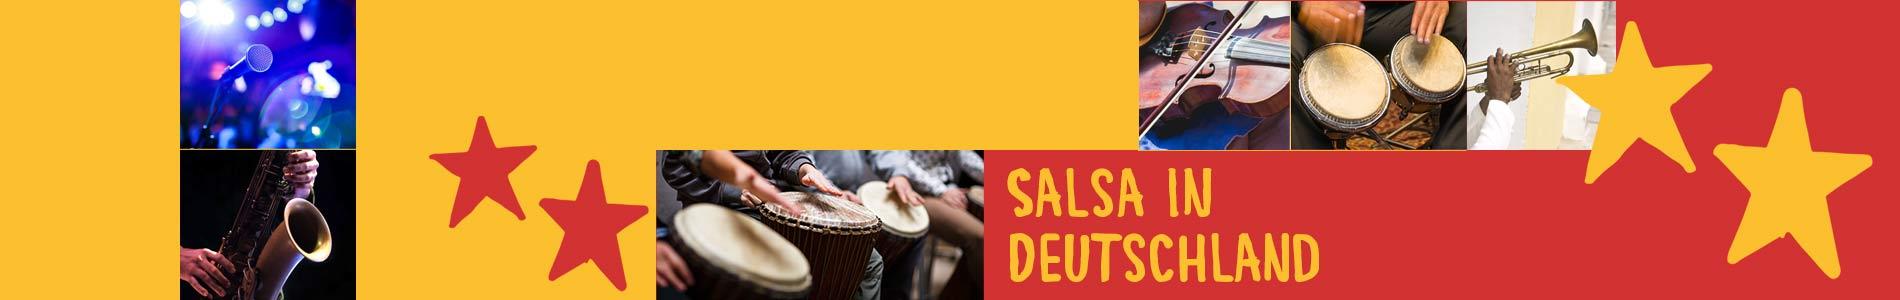 Salsa in Braunsbach – Salsa lernen und tanzen, Tanzkurse, Partys, Veranstaltungen